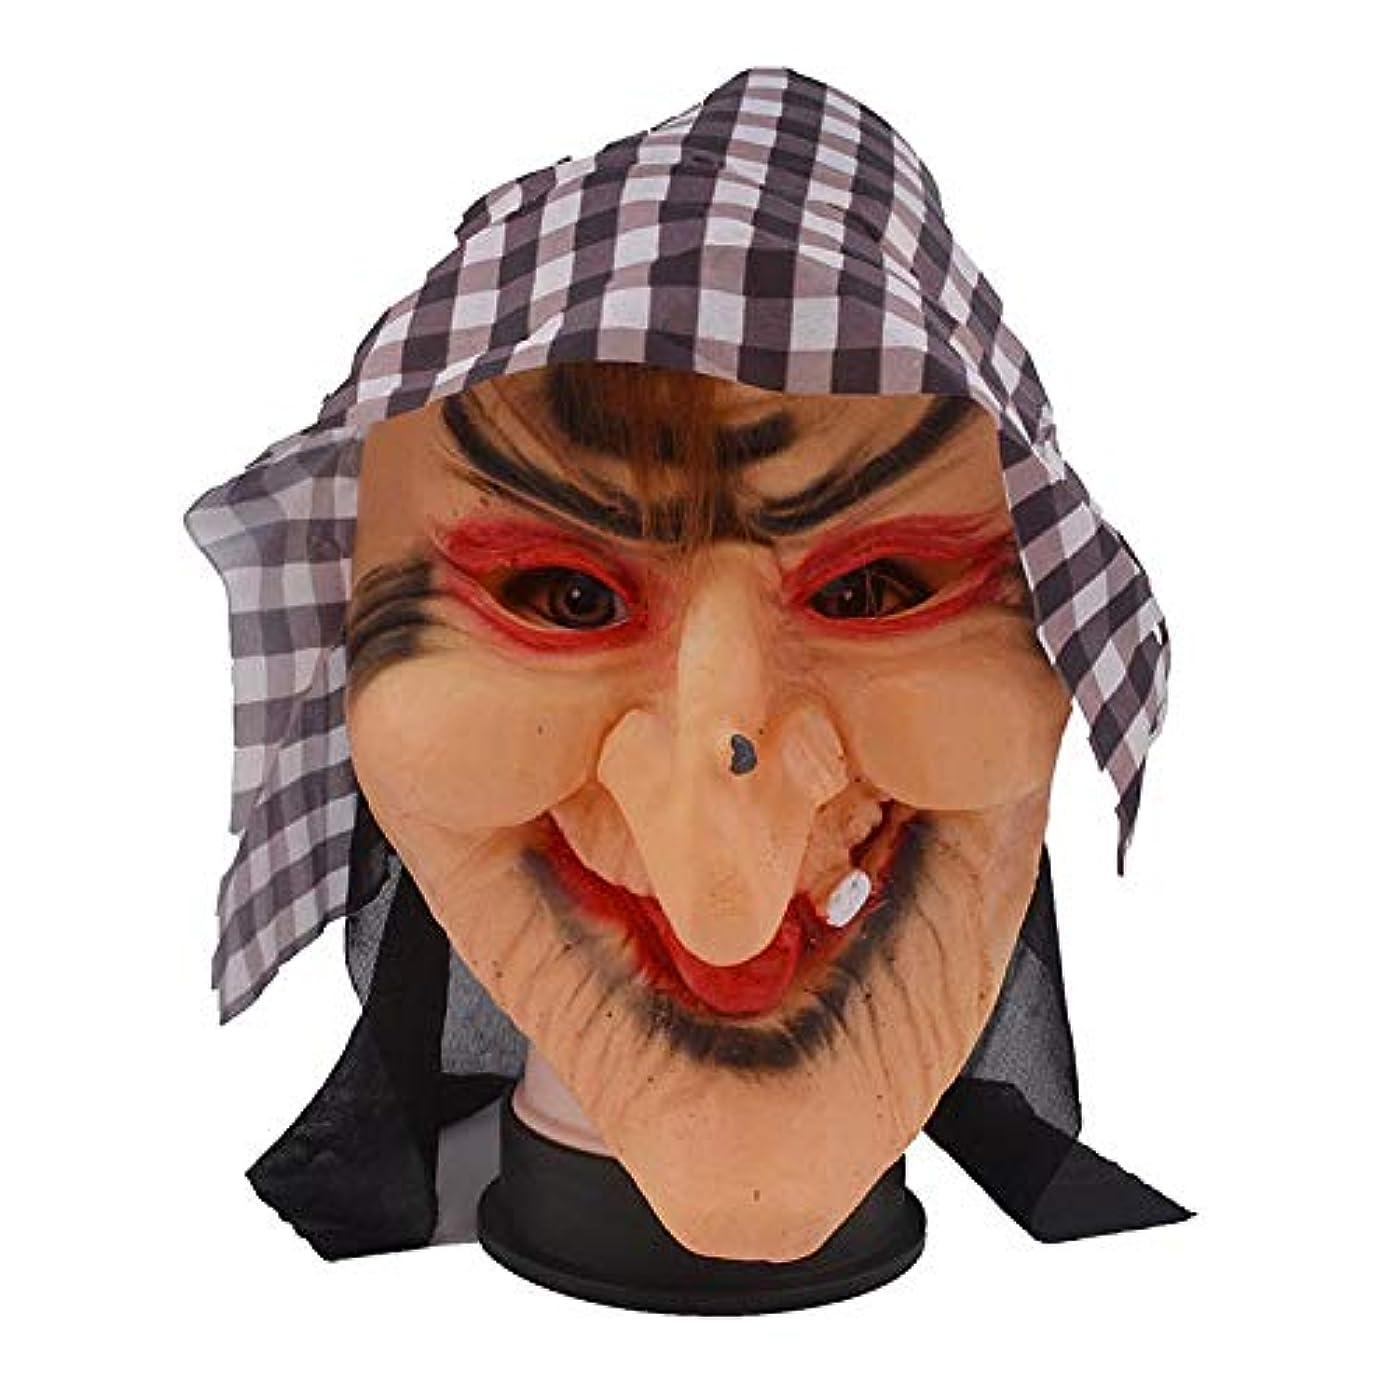 合図ゆるいコンピューターゲームをプレイするハロウィーンは、プロムパフォーマンスの小道具ドレスアップマスクタータンチェックの魔女帽子ラテックスマスク